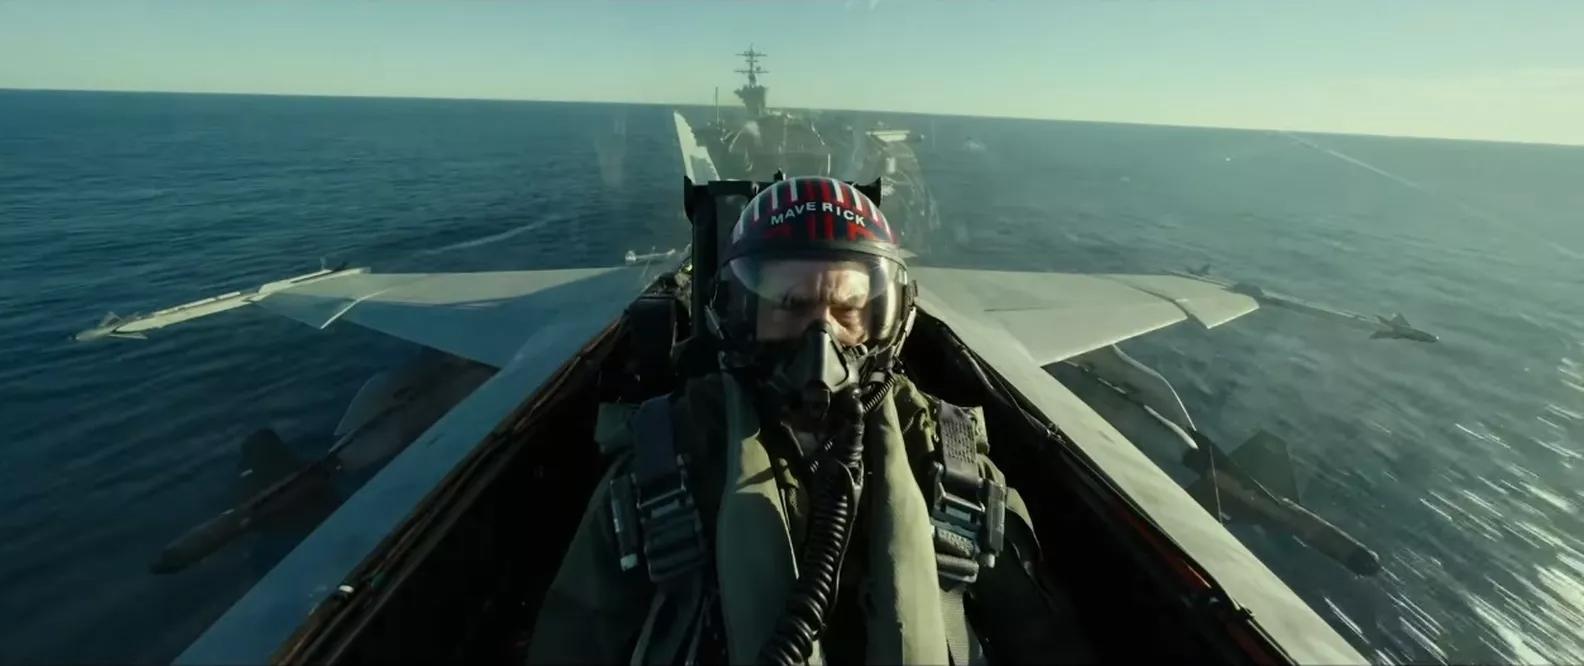 Cena do filme 'Top Gun: Maverick' que estreia em 2020.